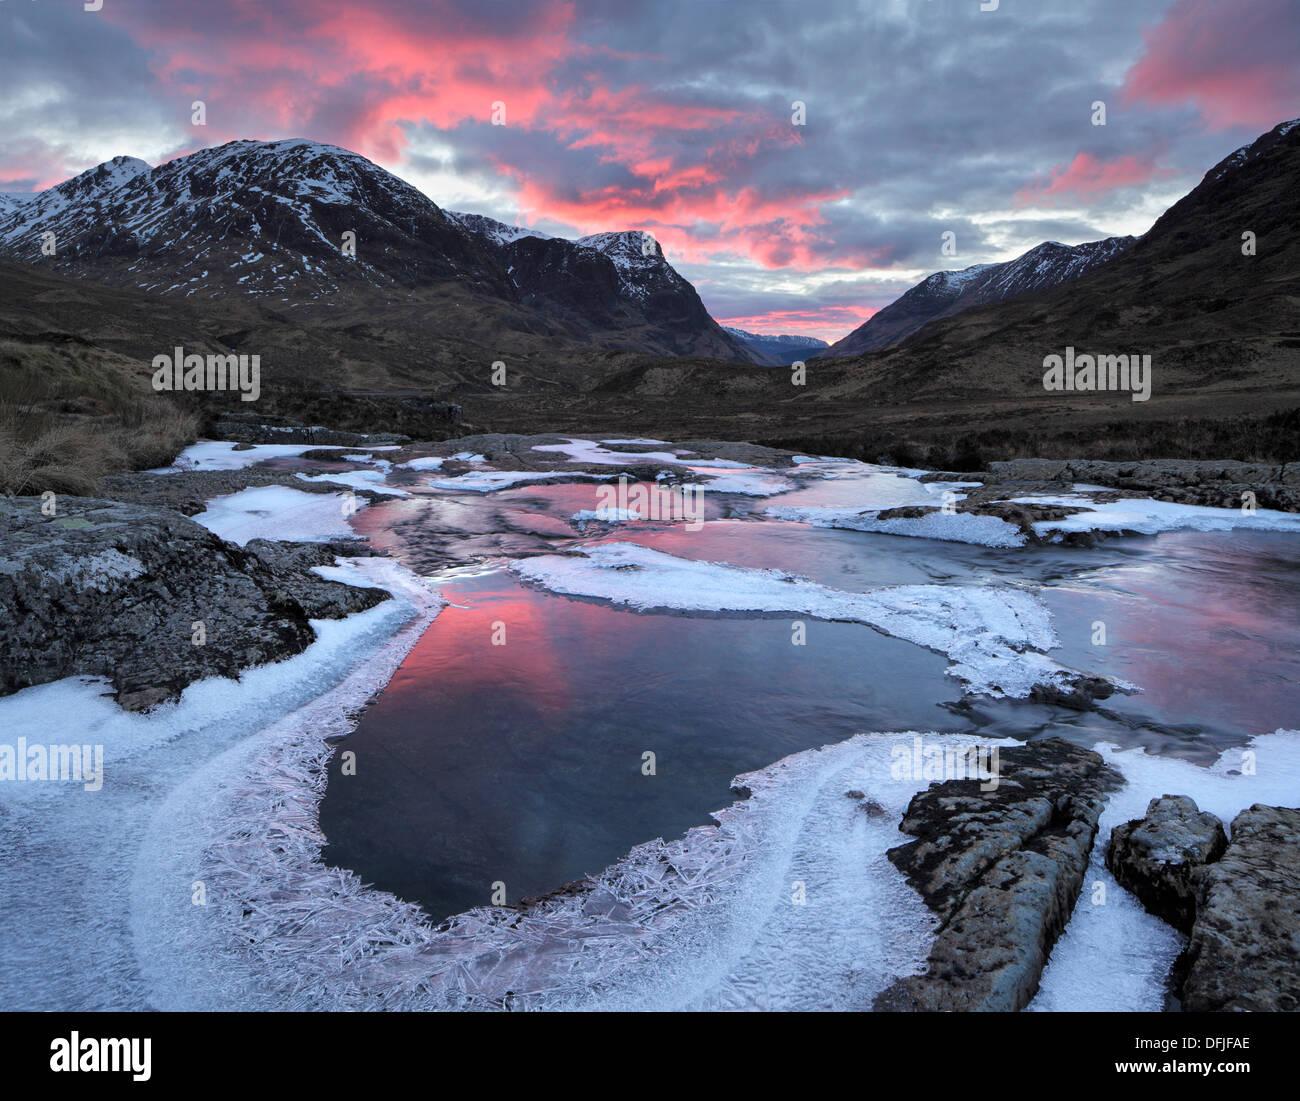 Invierno atardecer sobre el Pase de Glencoe en las Tierras Altas de Escocia. Imagen De Stock